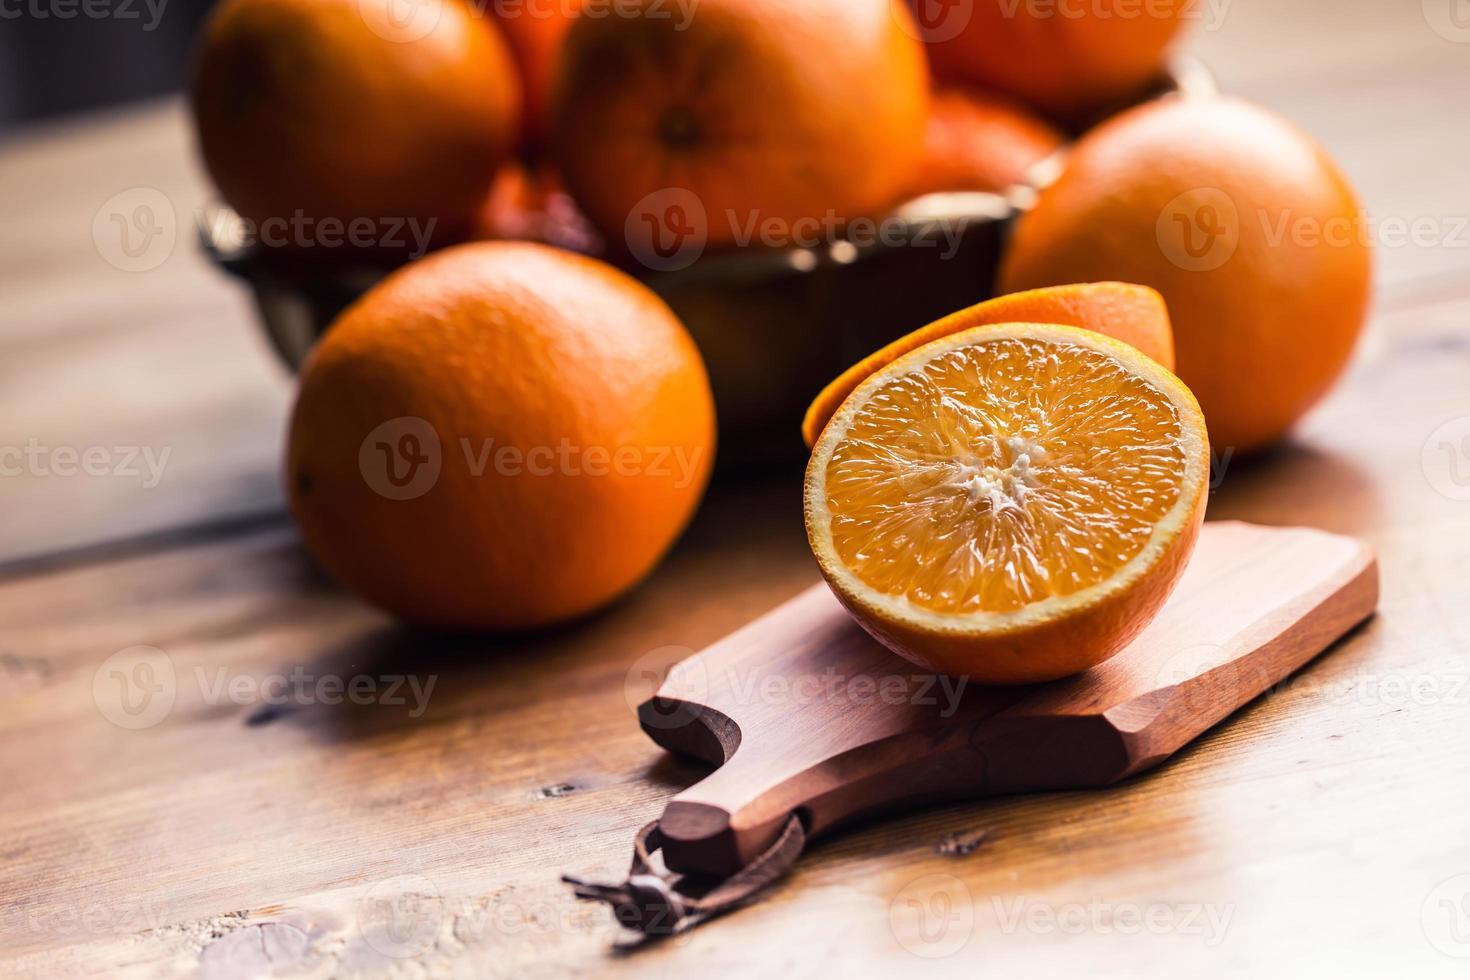 naranjas frescas cortar naranjas método manual de color naranja presionado. foto